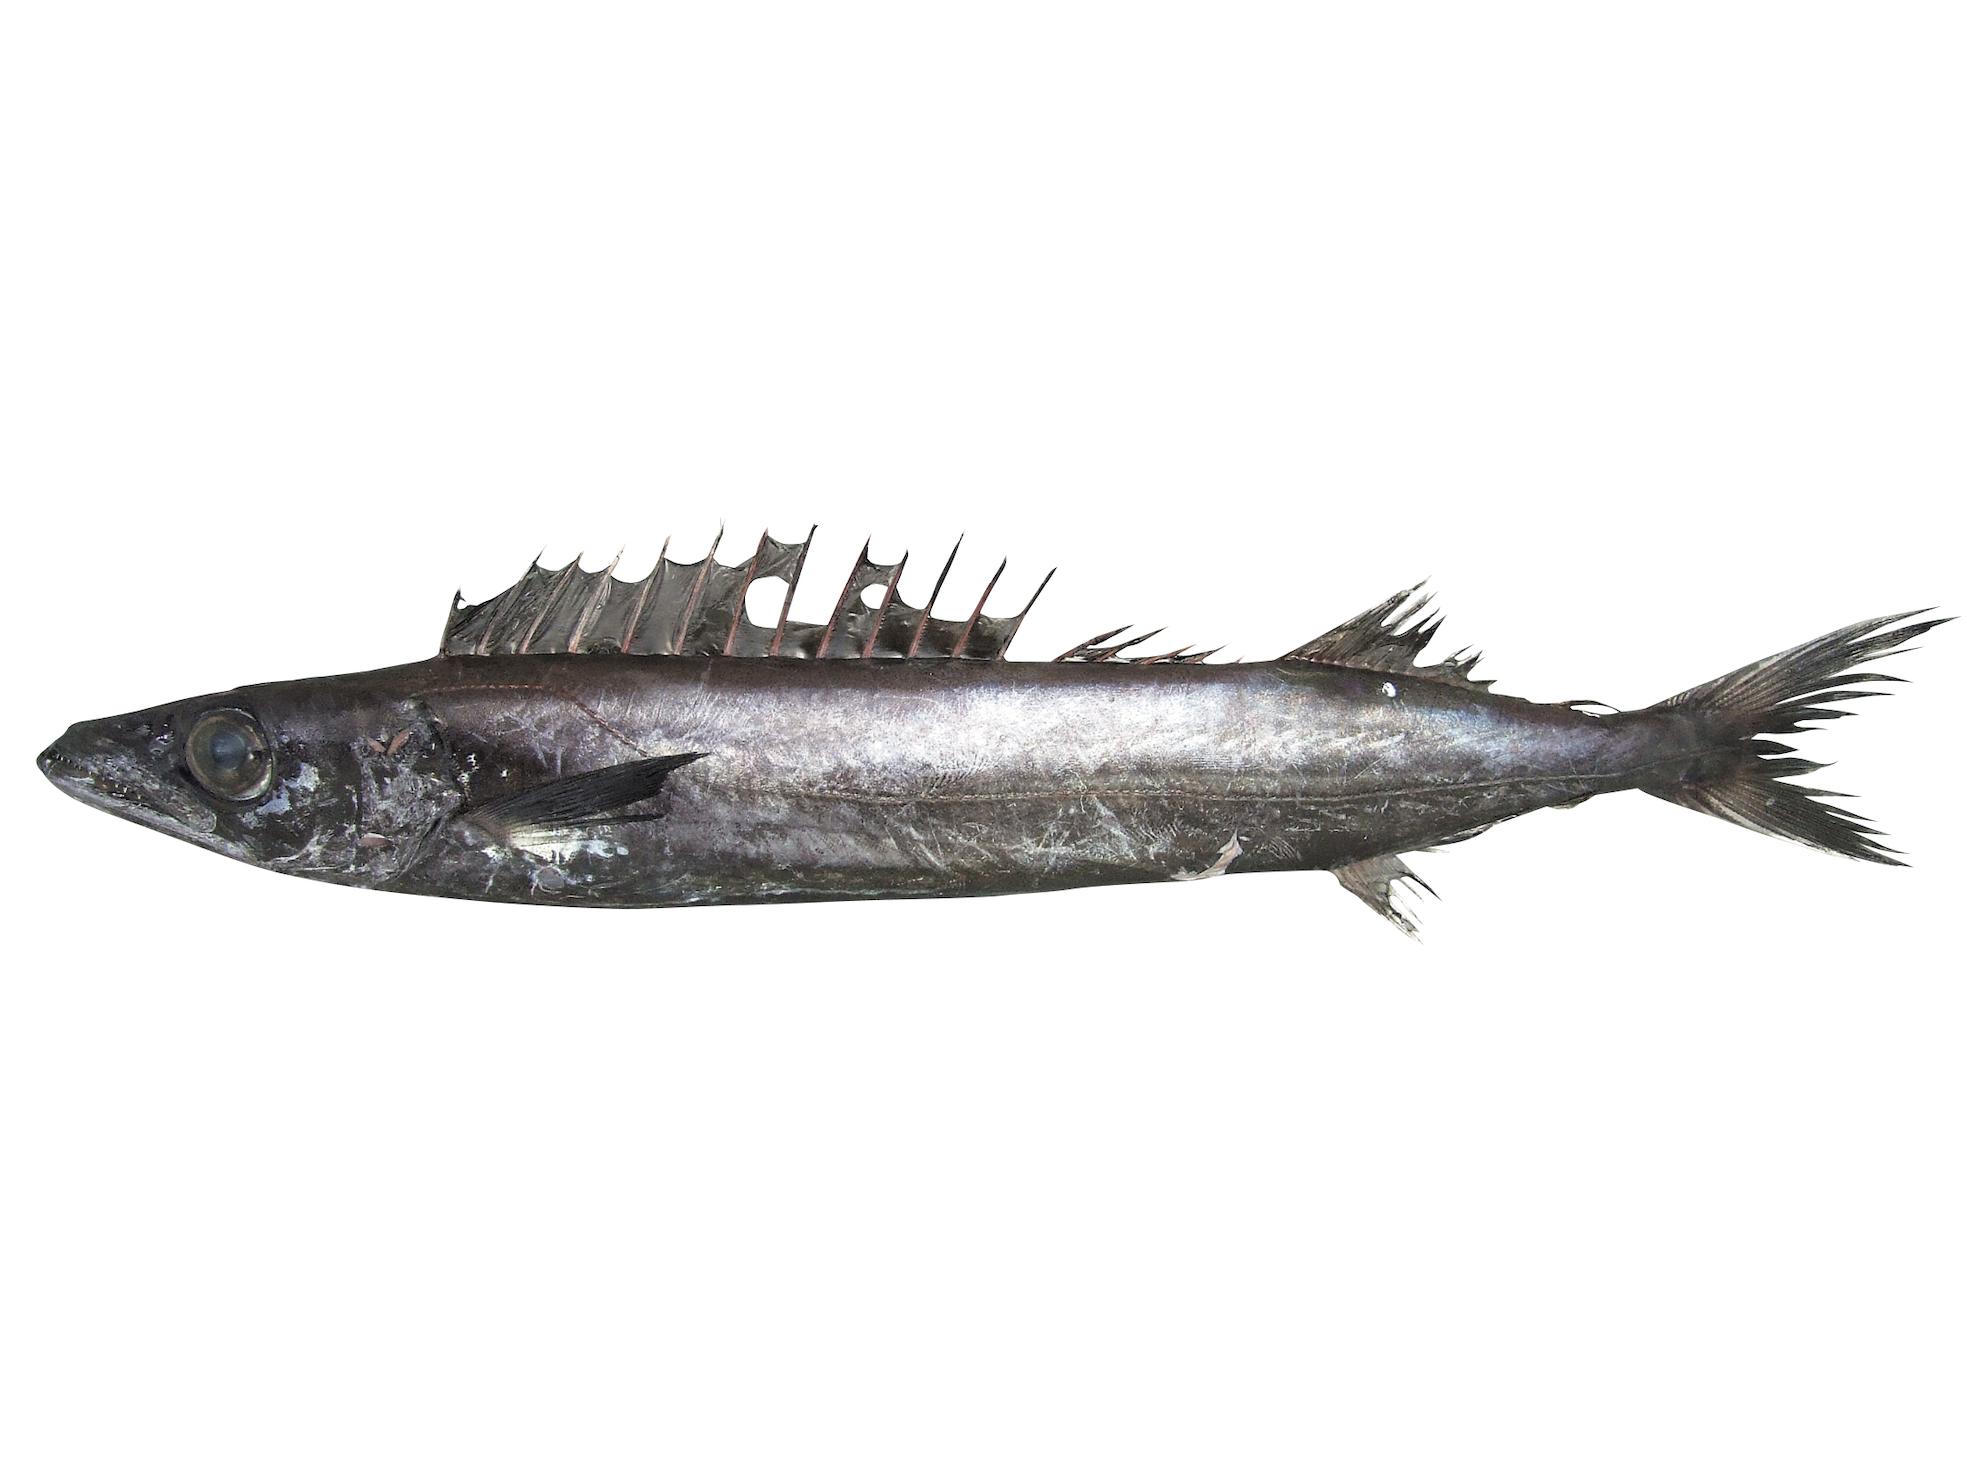 クロシビカマス ブルータス 魚